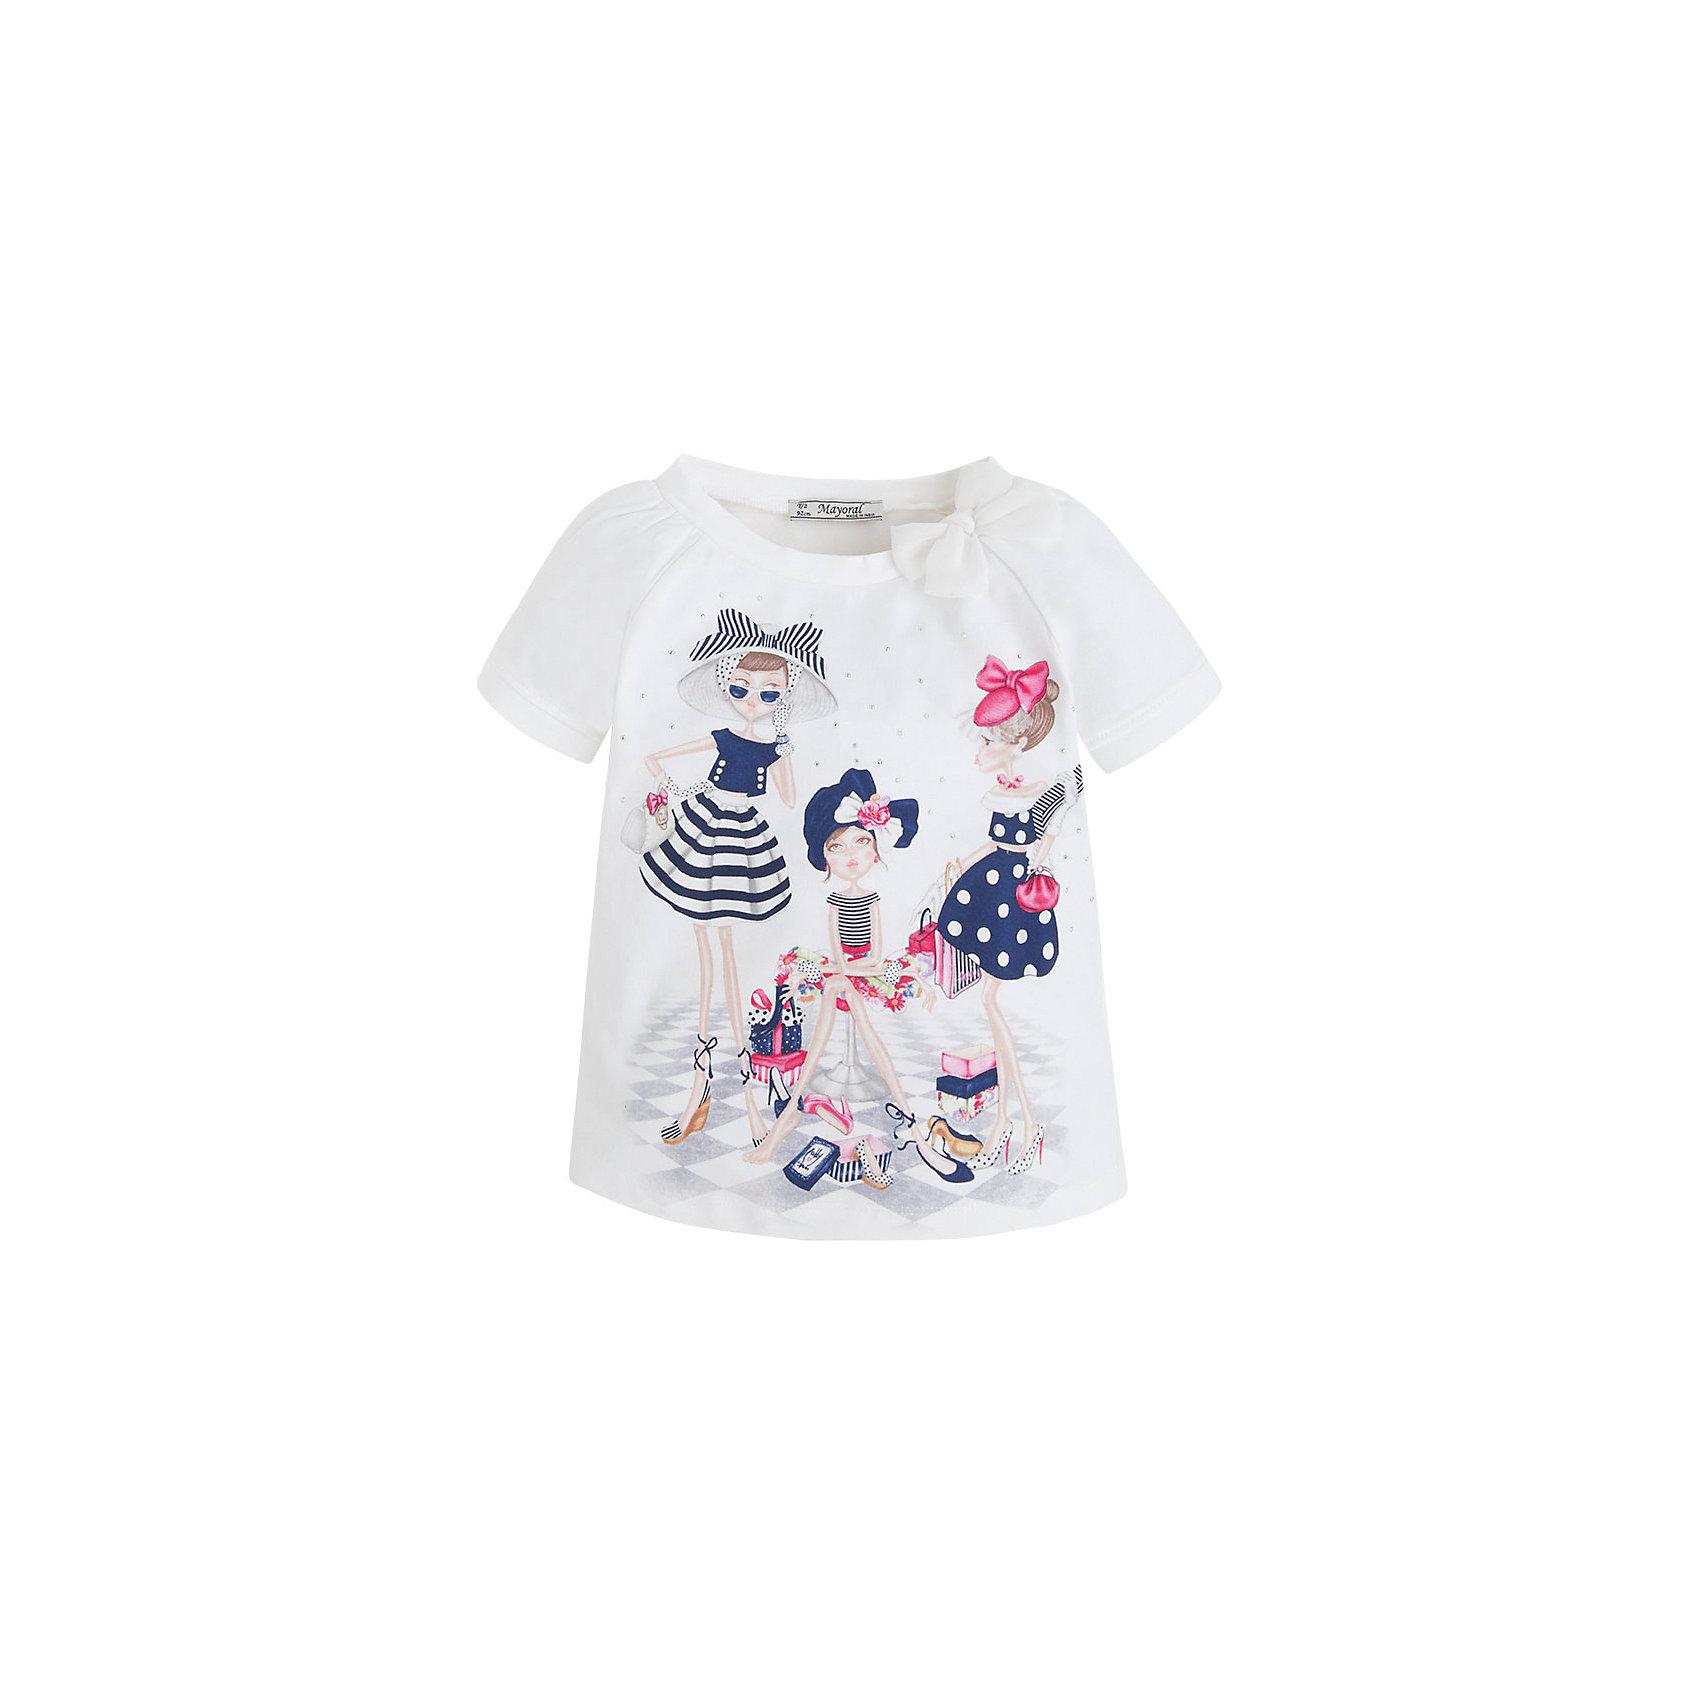 Футболка для девочки MayoralФутболка для девочки от известной испанской марки Mayoral <br><br>Очень красивая  футболка от Mayoral - отличный вариант летней одежды для девочек! Выглядит нарядно и оригинально. Модель выполнена из качественных материалов, отлично сидит по фигуре.<br><br>Особенности модели:<br><br>- цвет: белый;<br>- рукава короткие, реглан, со сборками;<br>- украшена принтом и стразами;<br>- эластичный материал.<br><br>Дополнительная информация:<br><br>Состав: 92% хлопок, 8% эластан<br><br>Футболку для девочки Mayoral (Майорал) можно купить в нашем магазине.<br><br>Ширина мм: 199<br>Глубина мм: 10<br>Высота мм: 161<br>Вес г: 151<br>Цвет: синий<br>Возраст от месяцев: 84<br>Возраст до месяцев: 96<br>Пол: Женский<br>Возраст: Детский<br>Размер: 128,122,110,104,92,98,116,134<br>SKU: 4541501